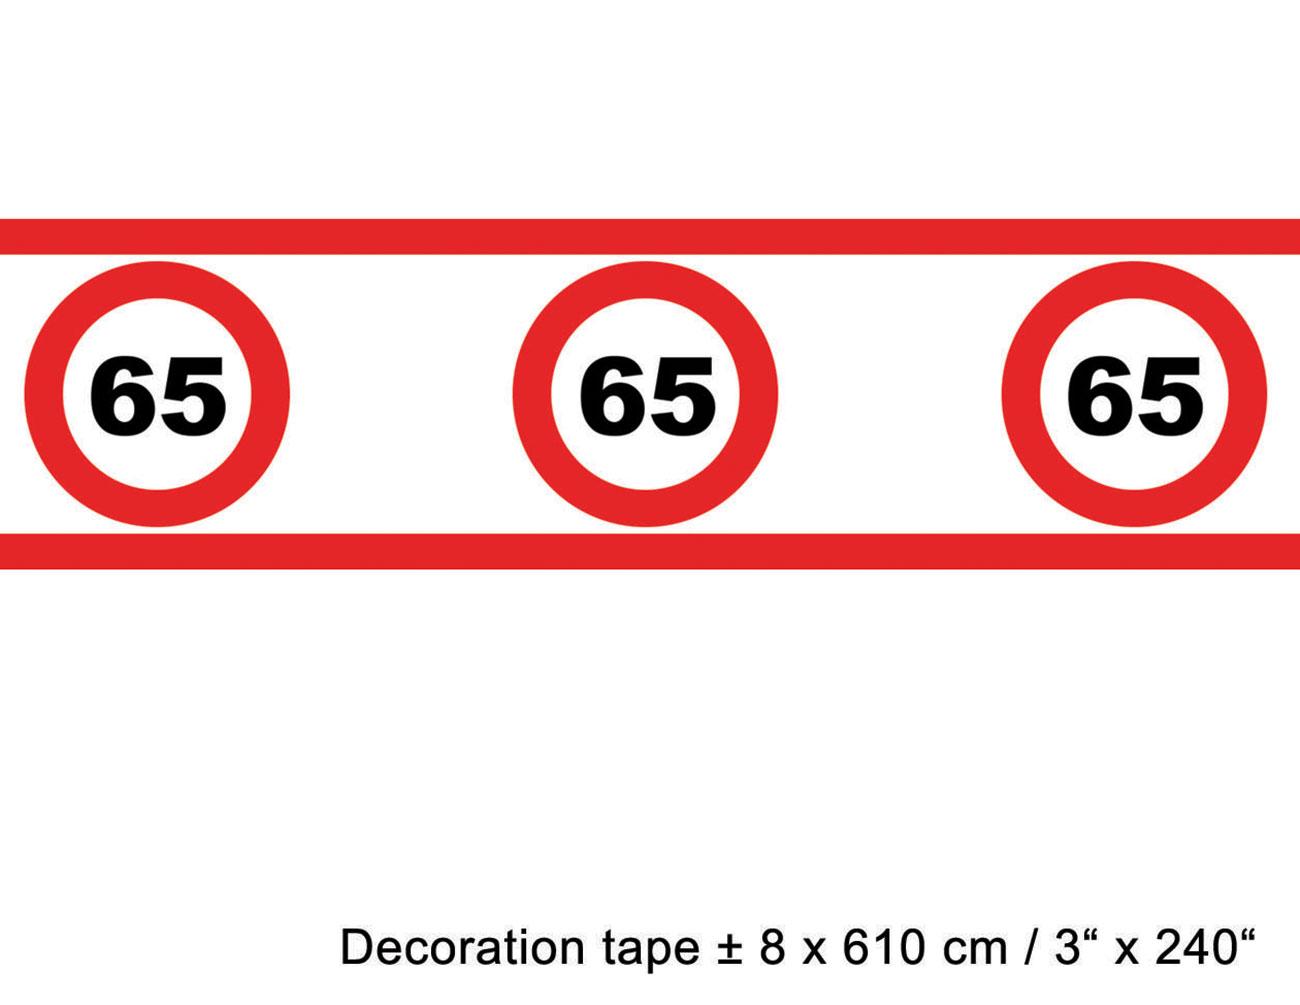 absperrband geburtstag 65 jahre dekoration g nstige. Black Bedroom Furniture Sets. Home Design Ideas